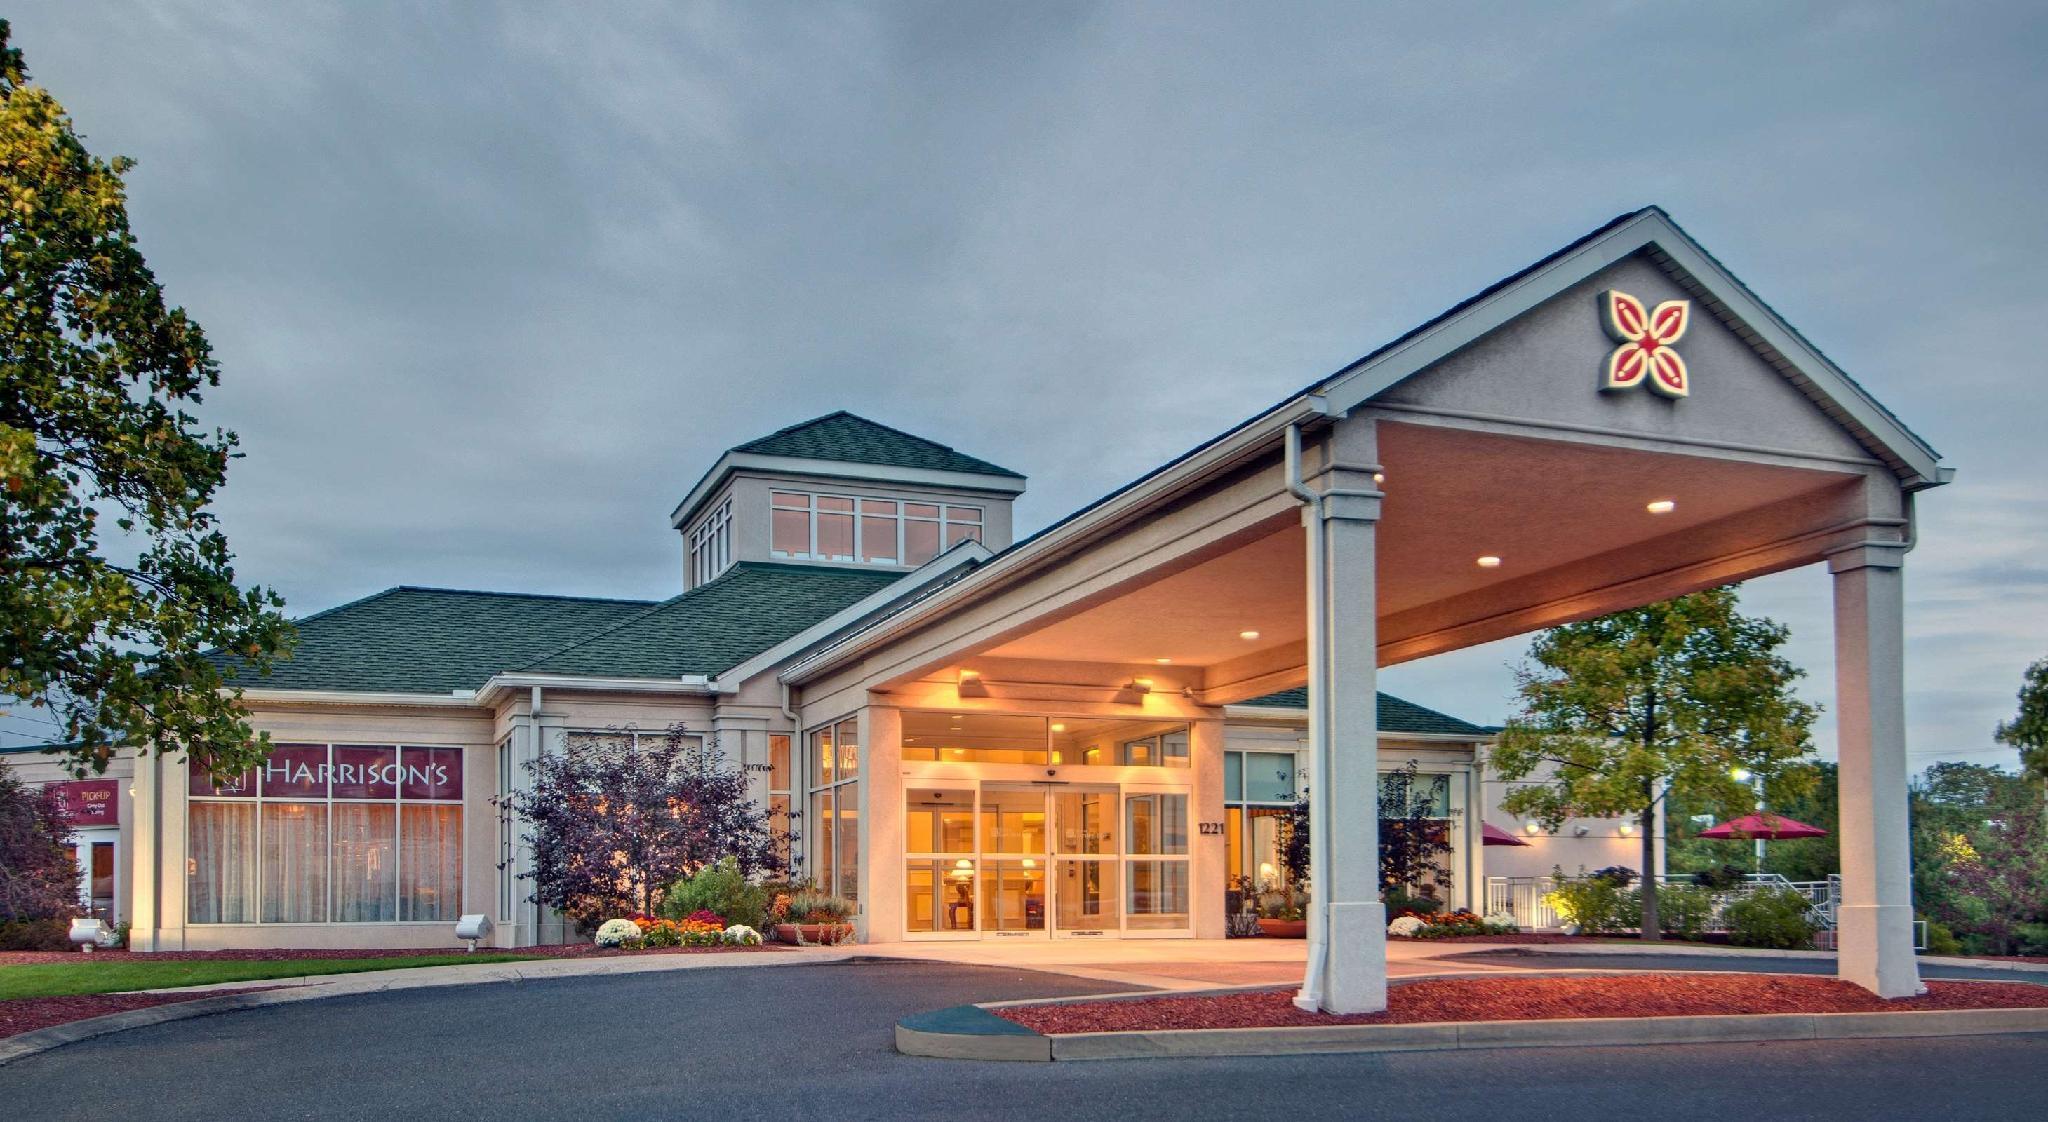 Hilton garden inn state college room deals reviews - Hilton garden inn state college pa ...